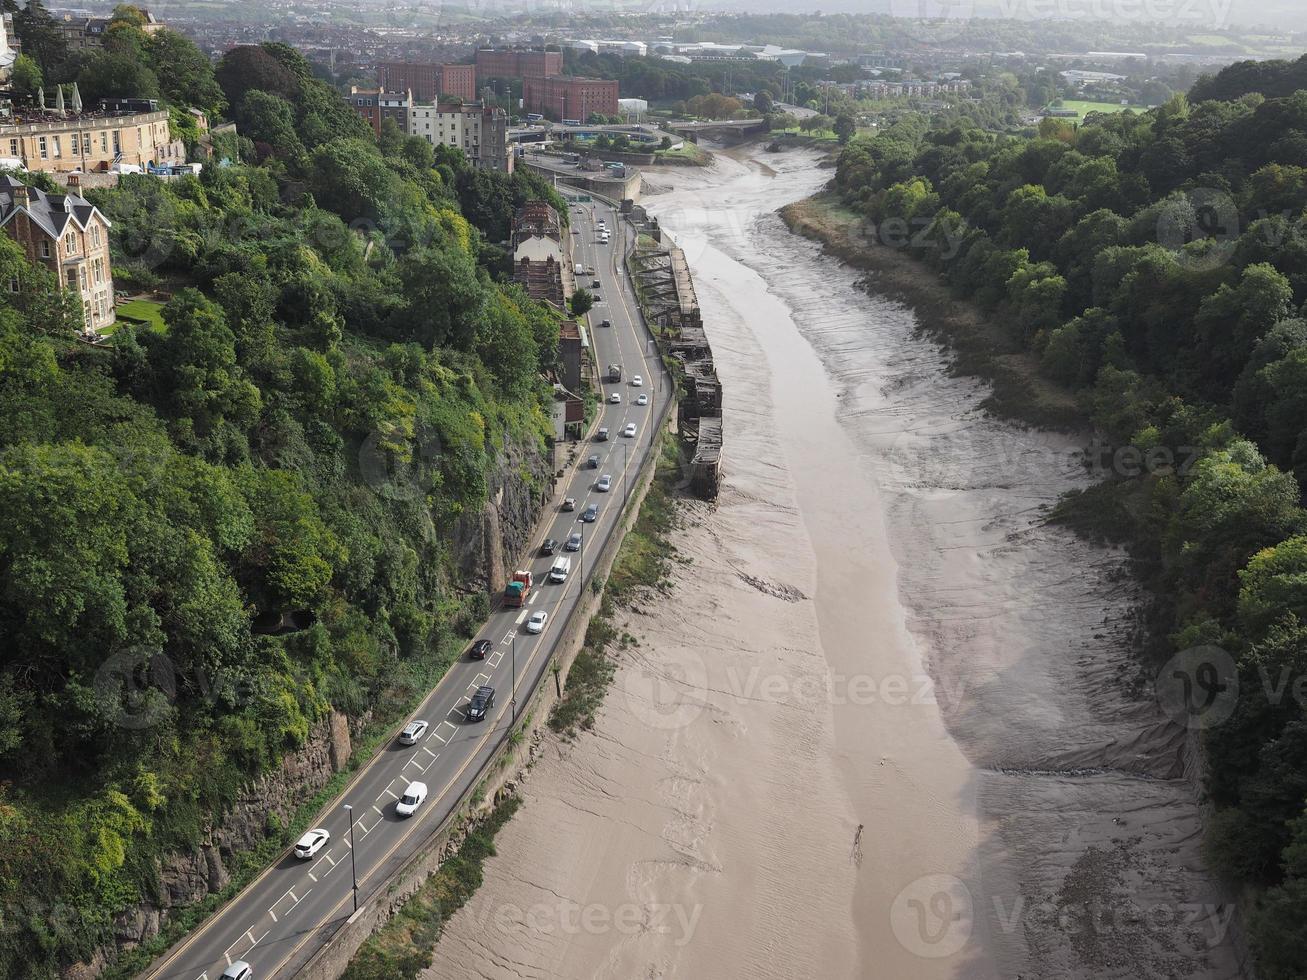 desfiladeiro do rio avon em bristol foto